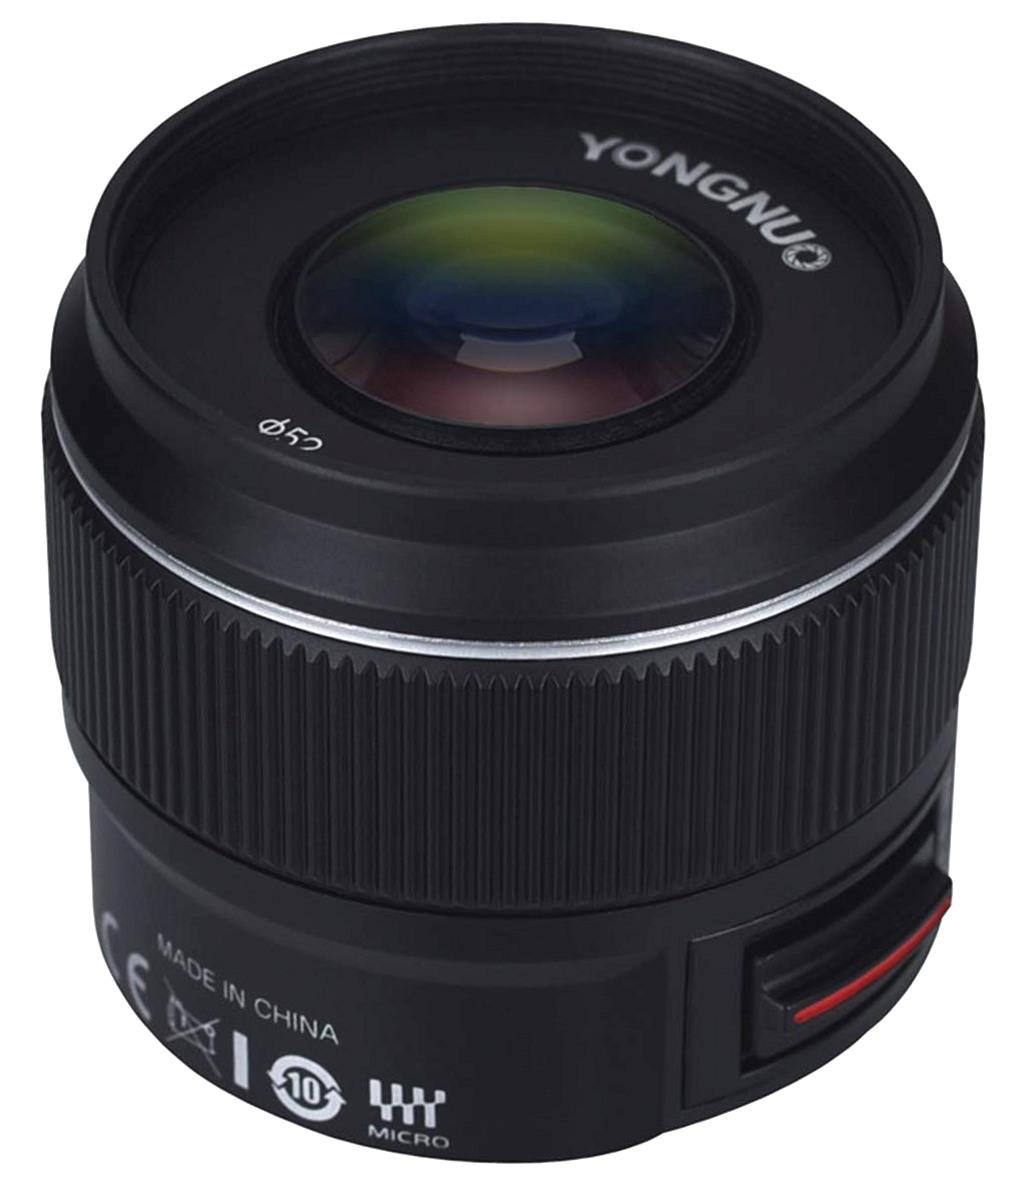 Yongnuo 42.5mm f/1.7 MFT